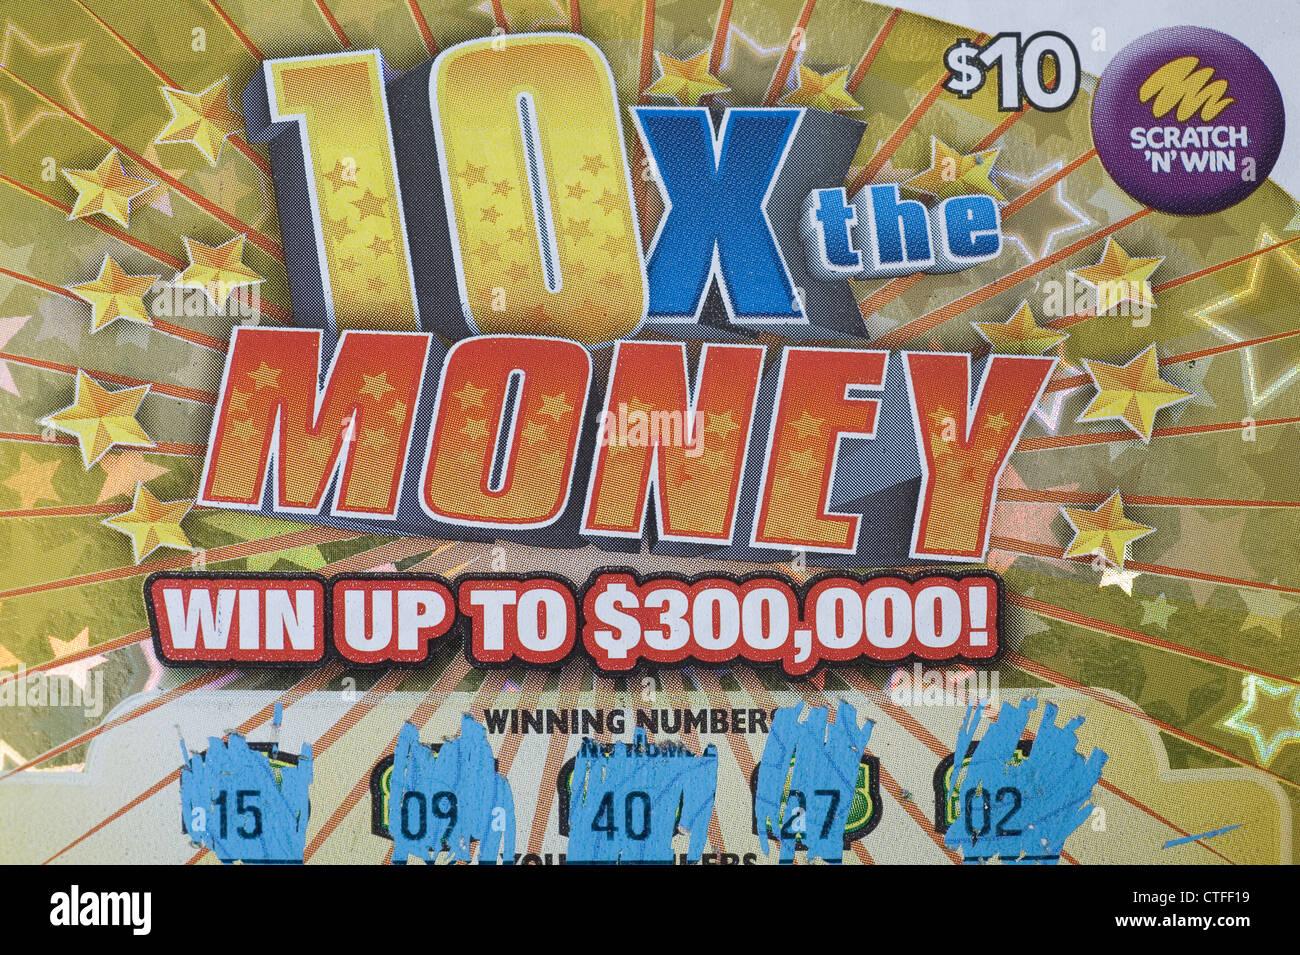 Scatch n' vincere lotto biglietto della lotteria promettente soldi grandi vincite. Immagini Stock